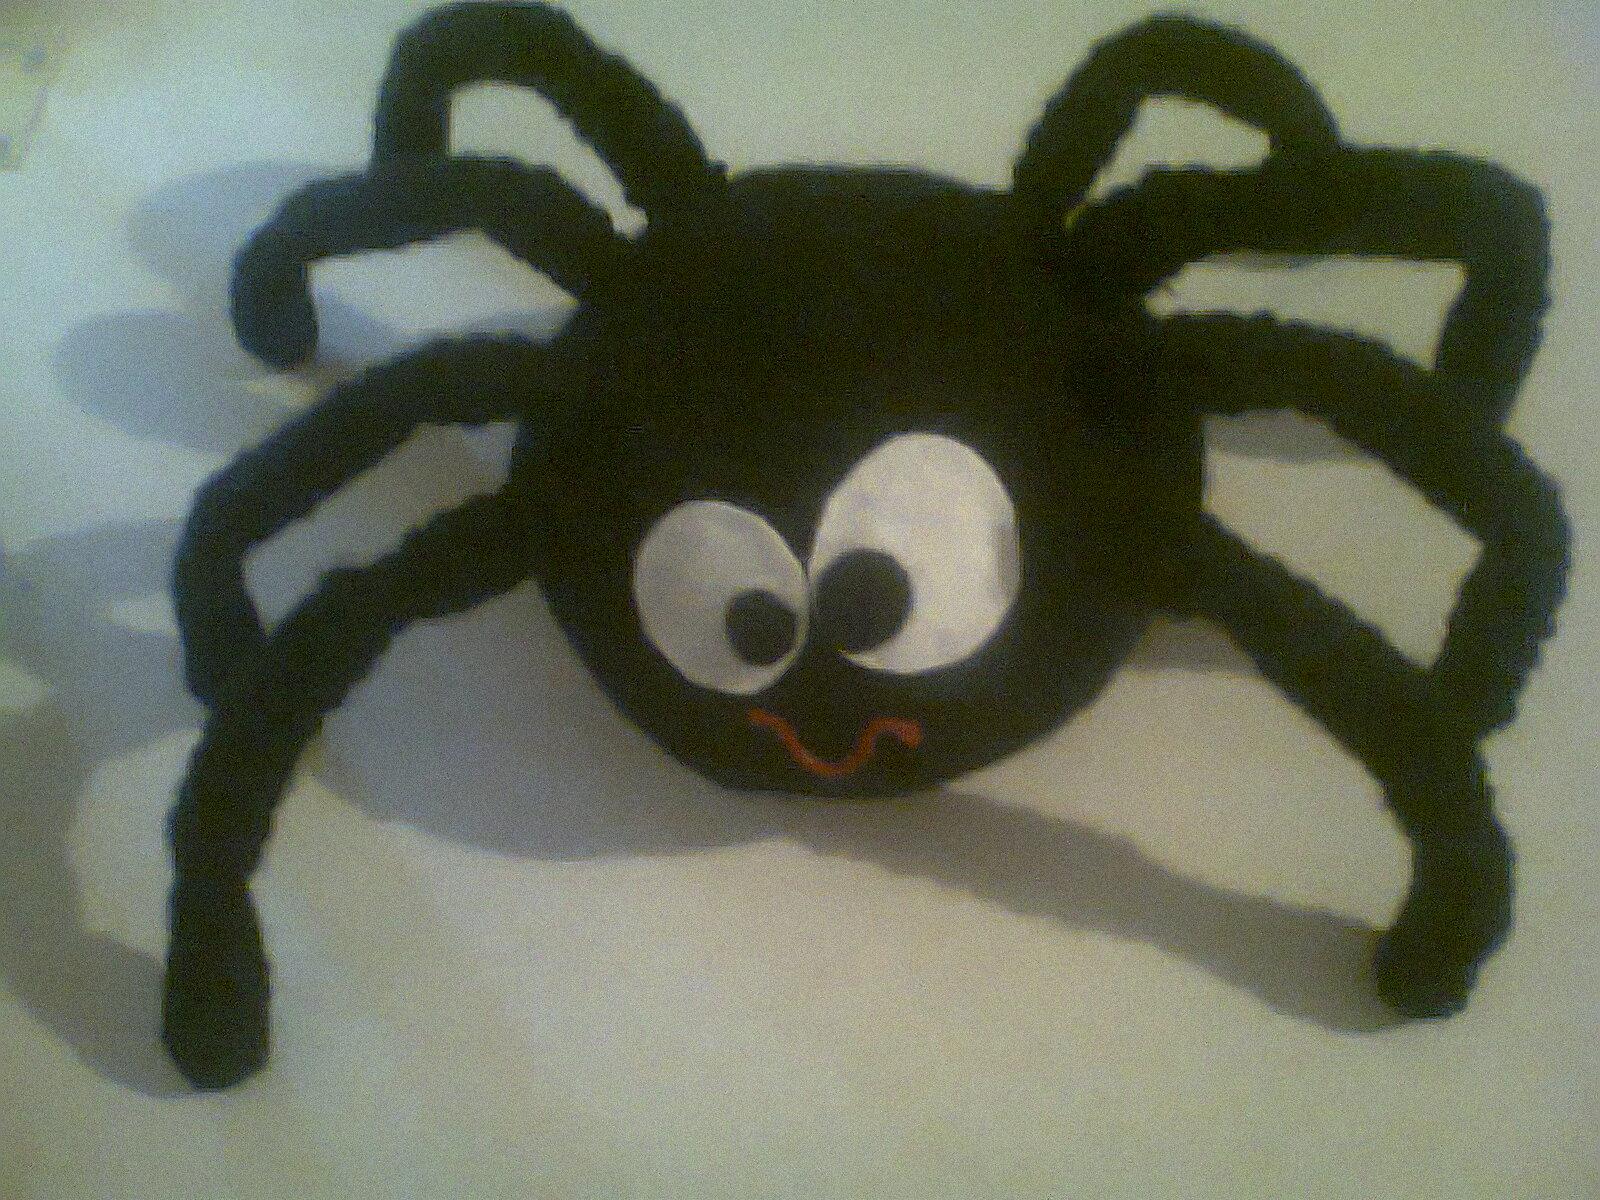 Adorables Tejidos: Ella-la-araña kawaii! xD